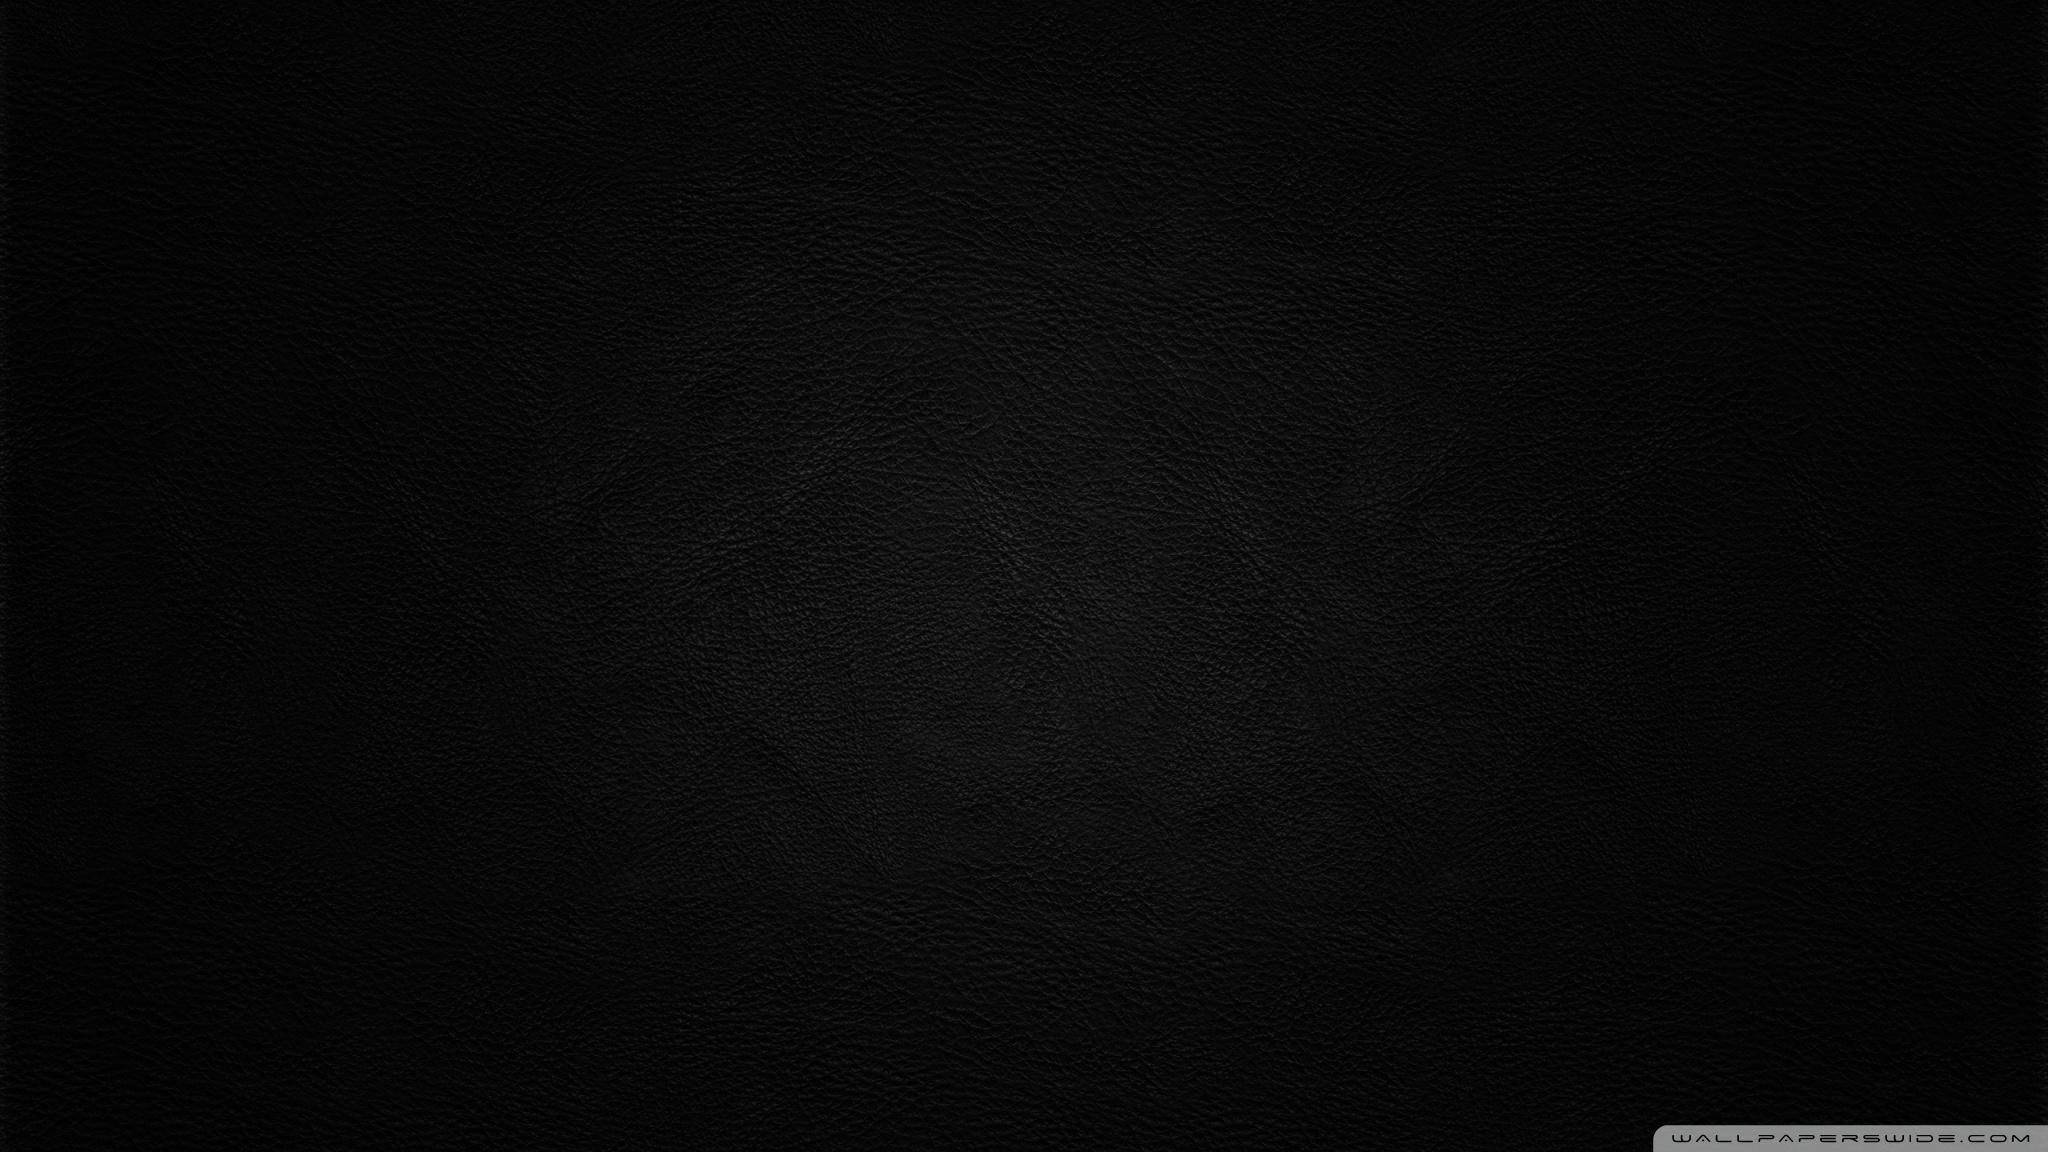 Gaming 2048x1152  wallpaper 2048x1152jpg 2048x1152